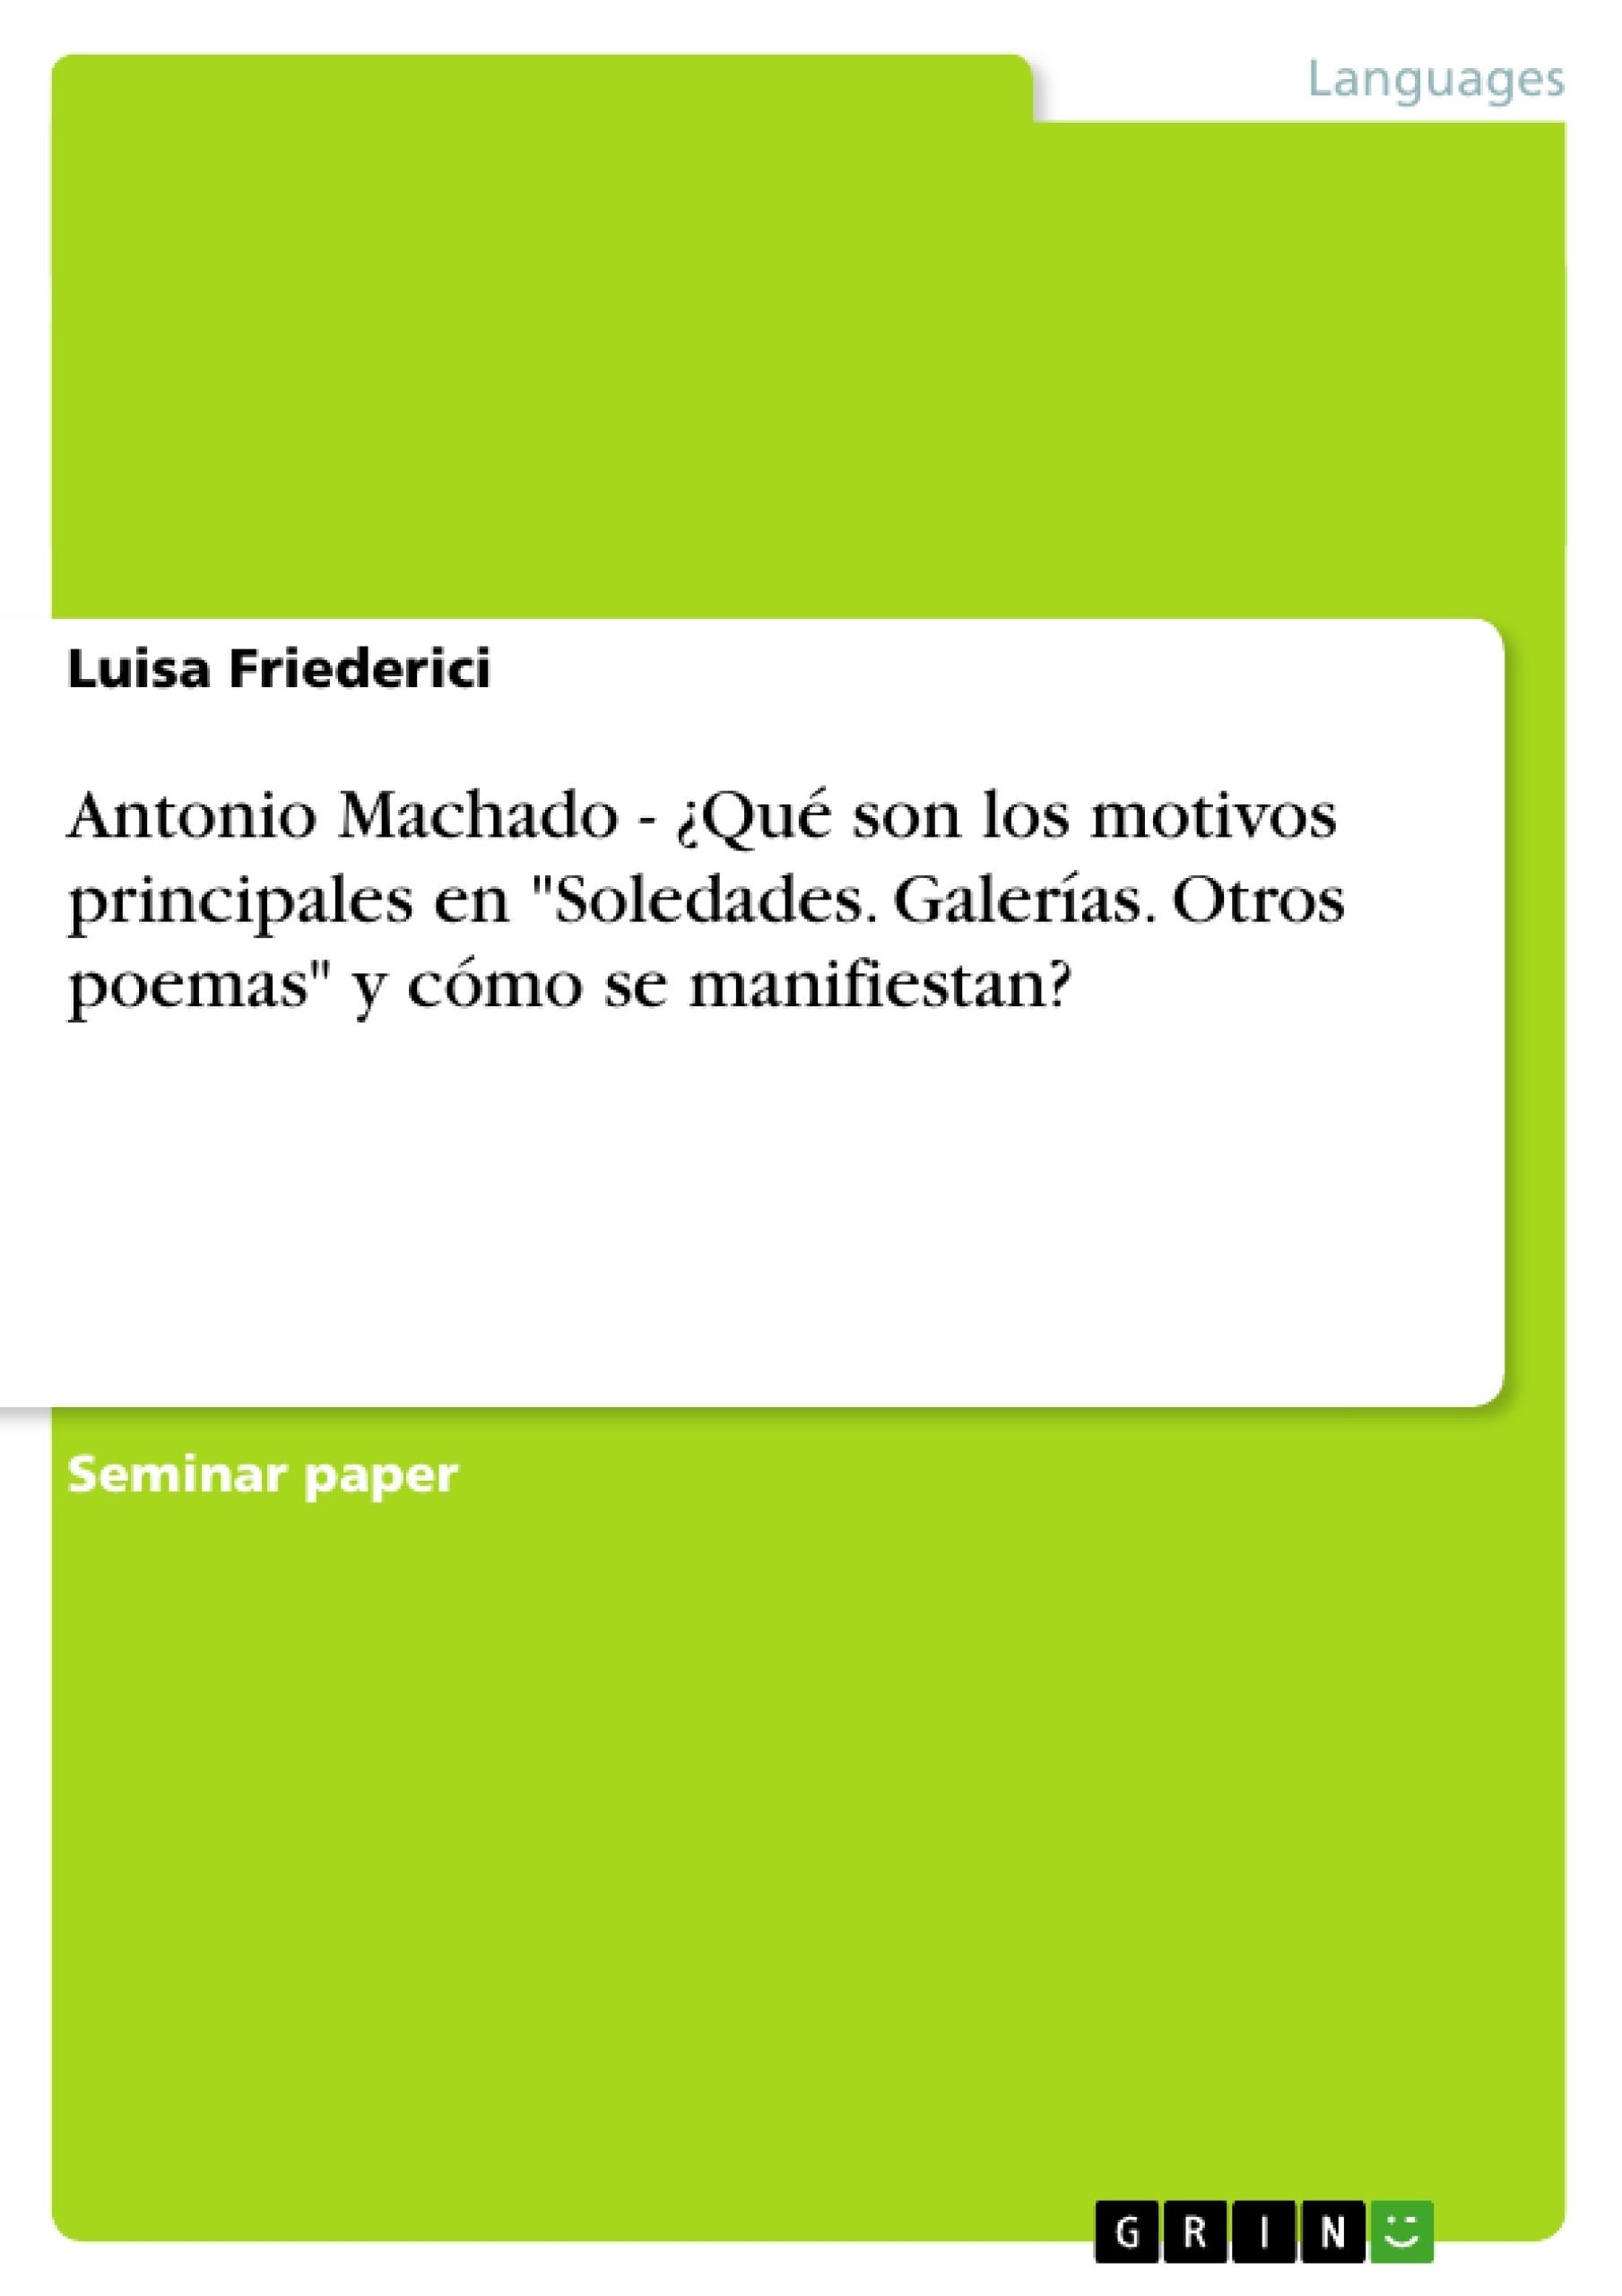 """Título: Antonio Machado - ¿Qué son los motivos principales en """"Soledades. Galerías. Otros poemas"""" y cómo se manifiestan?"""